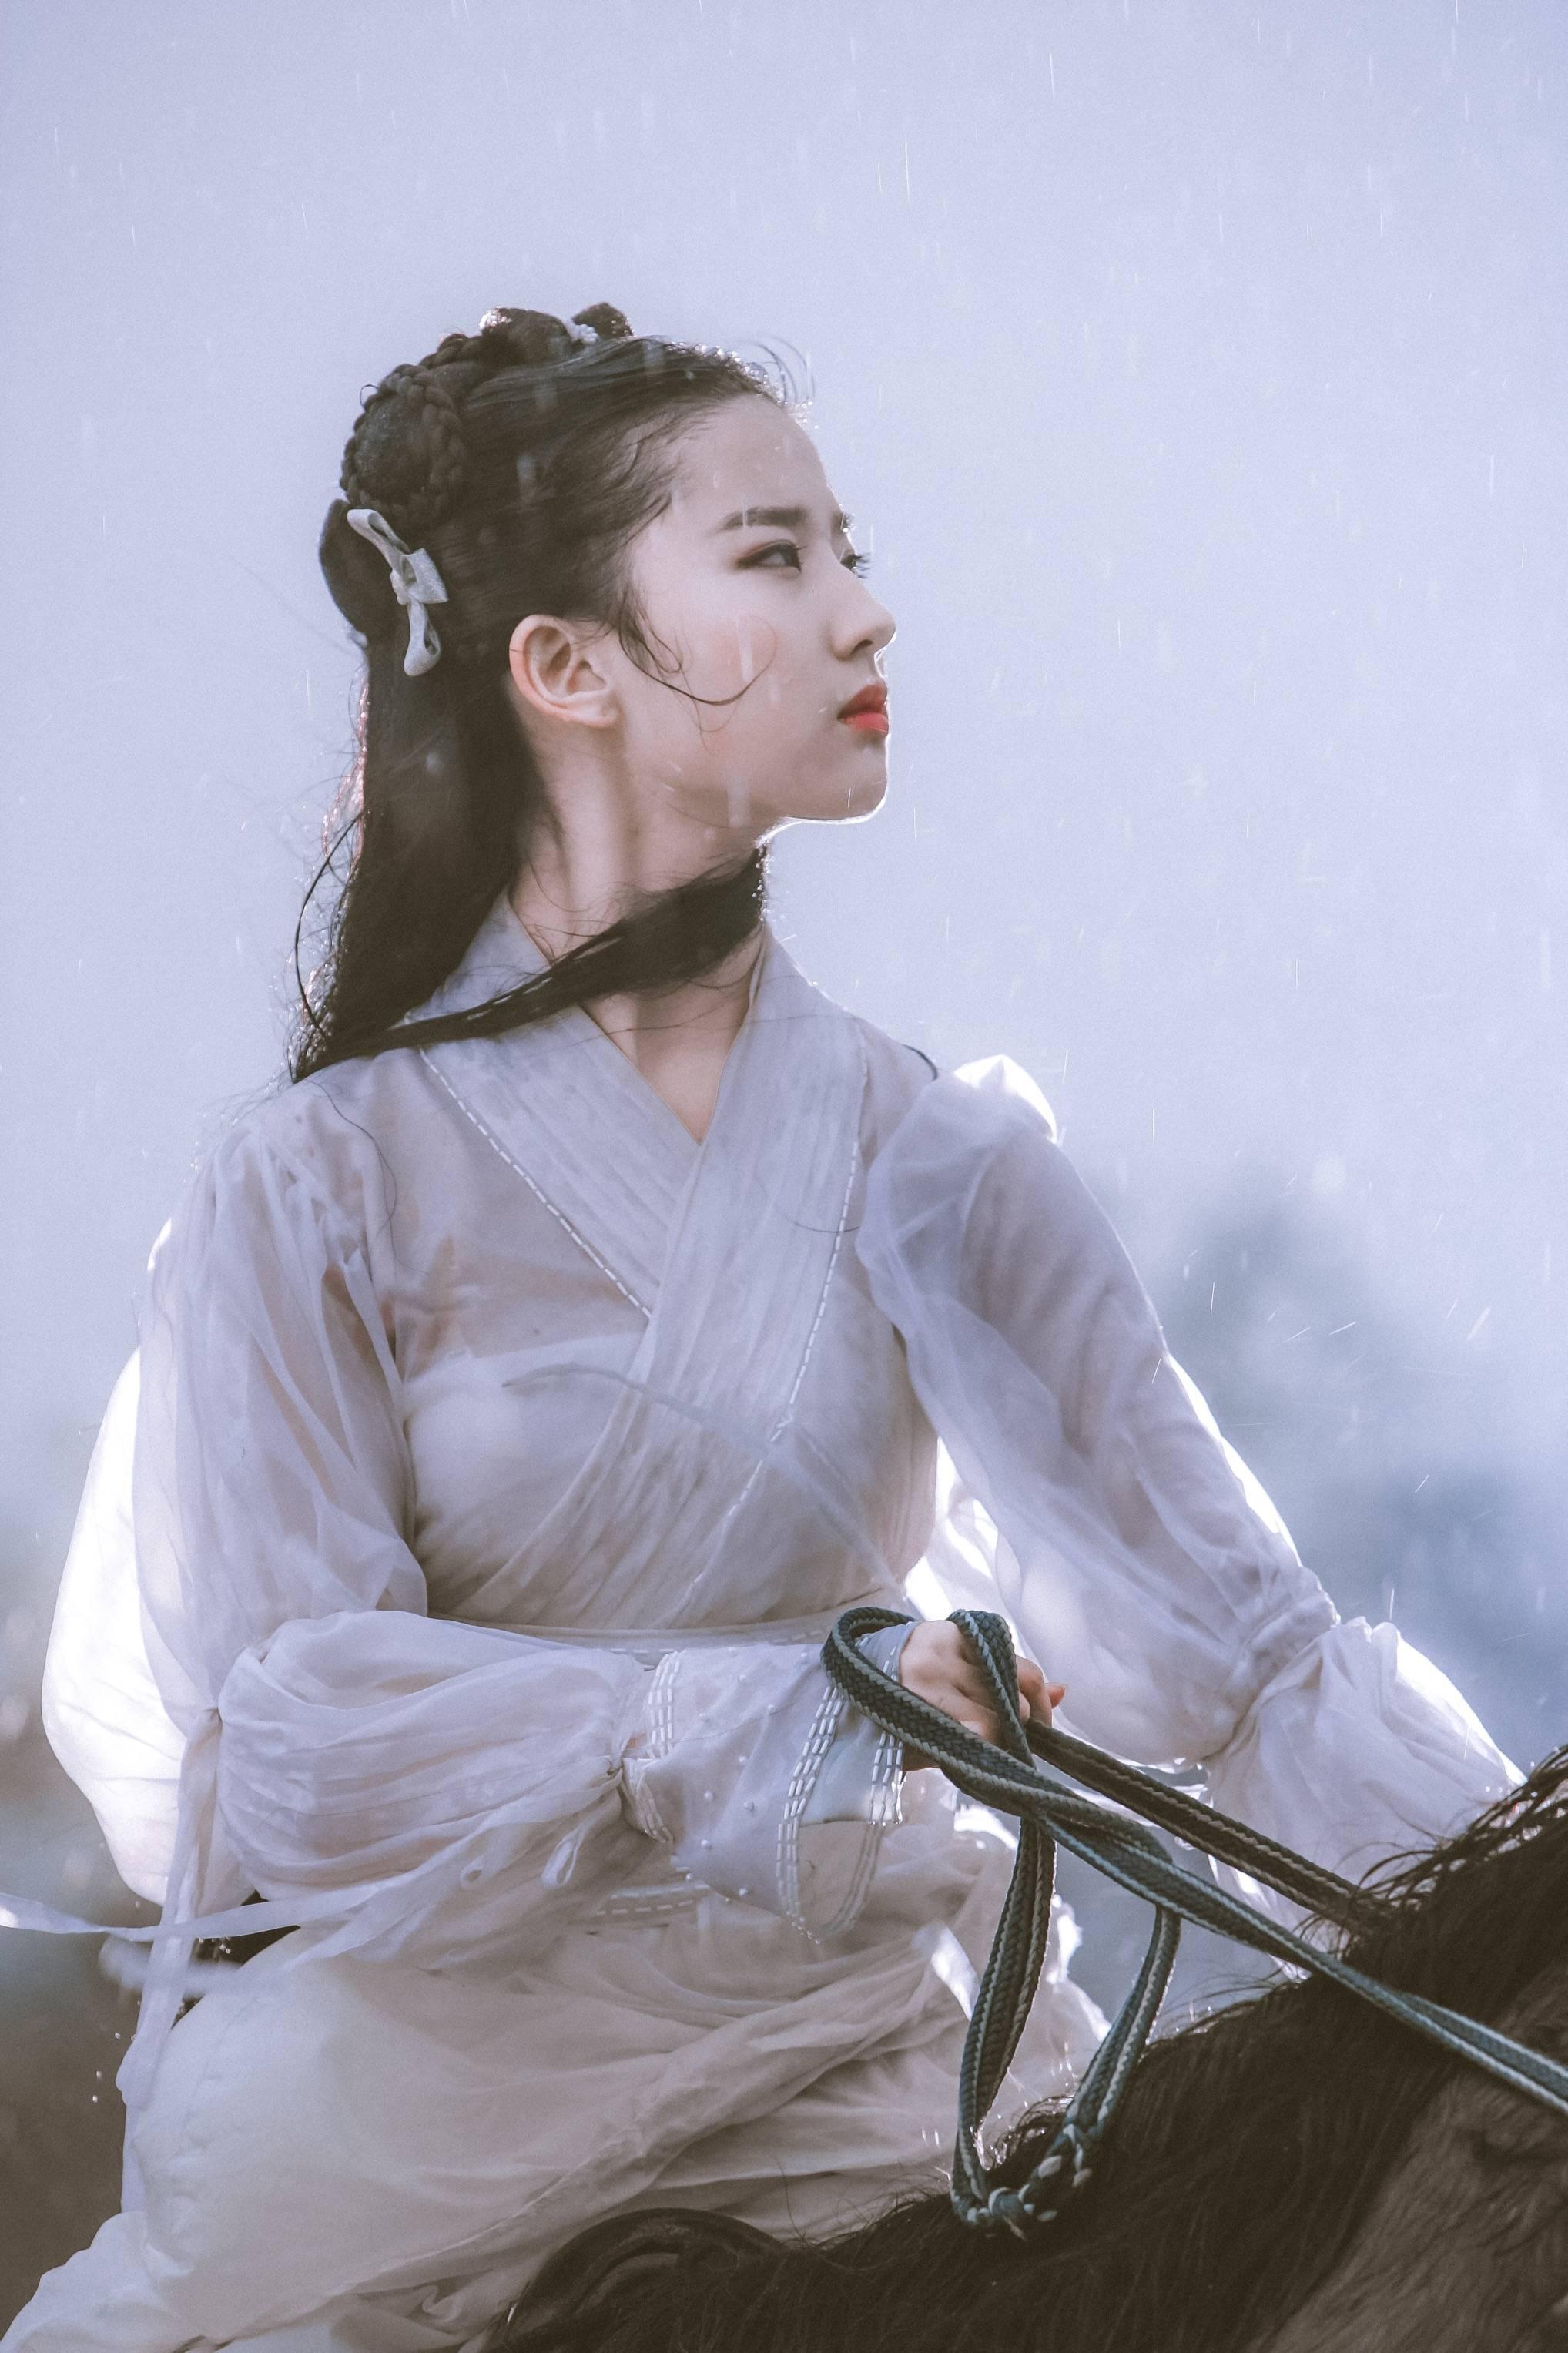 她姓刘图片_刘亦菲原来改名多次,不过原名超文艺最适合她_名字